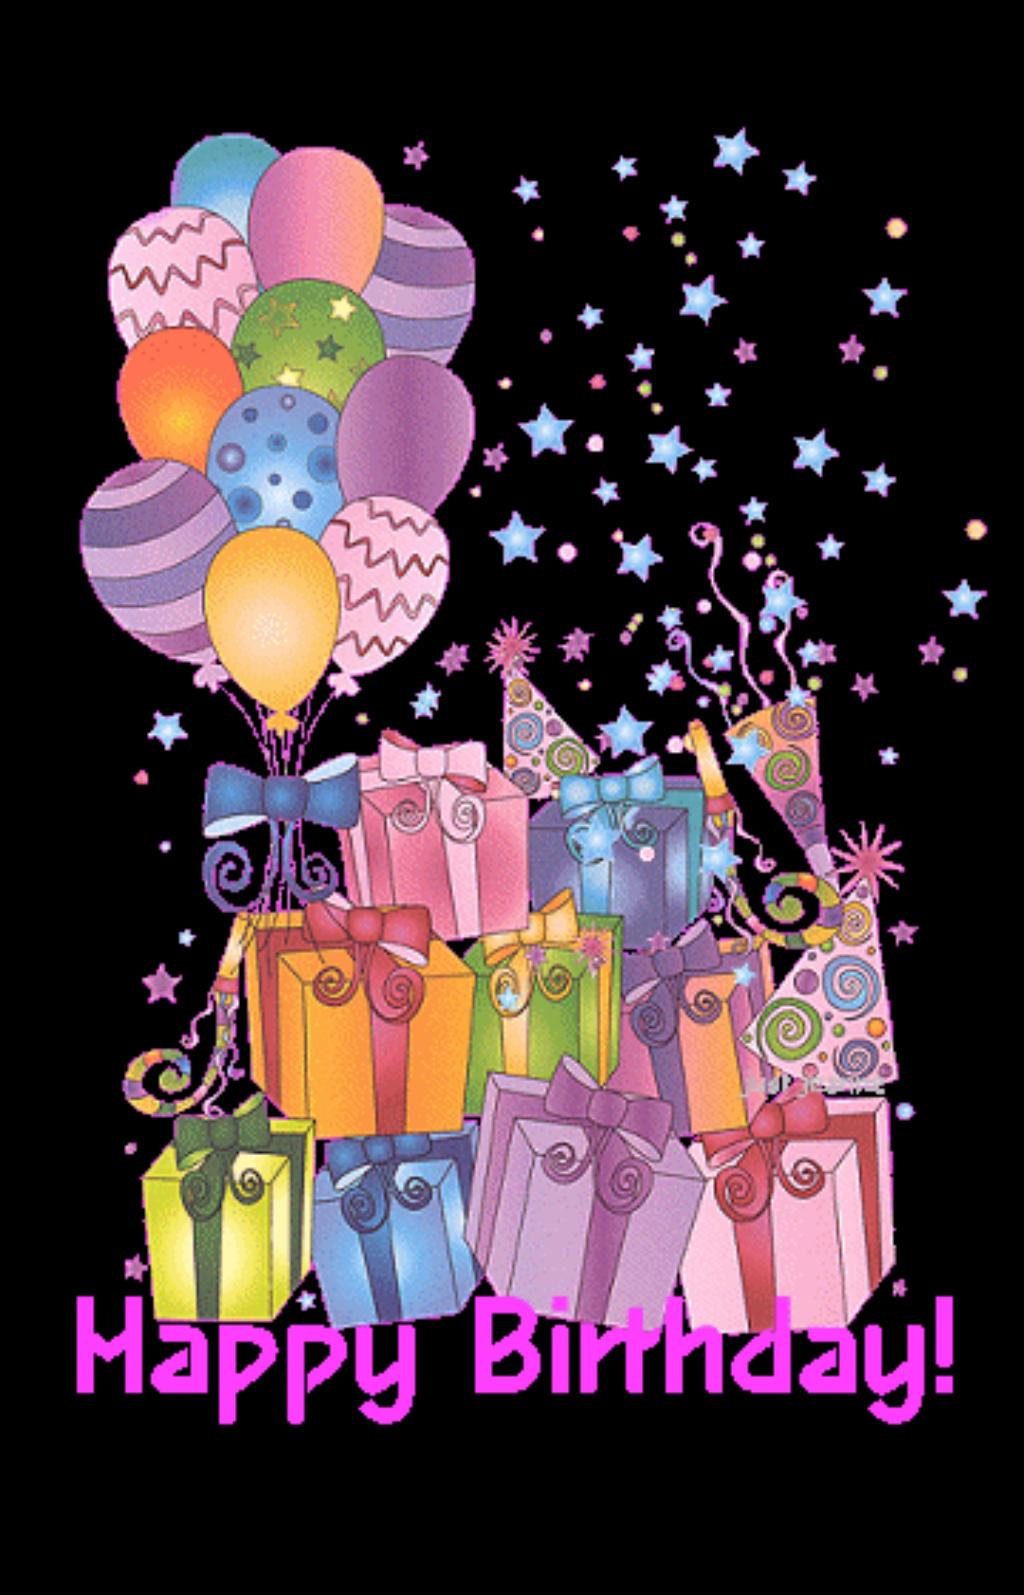 聽友歌聲賀生日 多謝大家的祝福